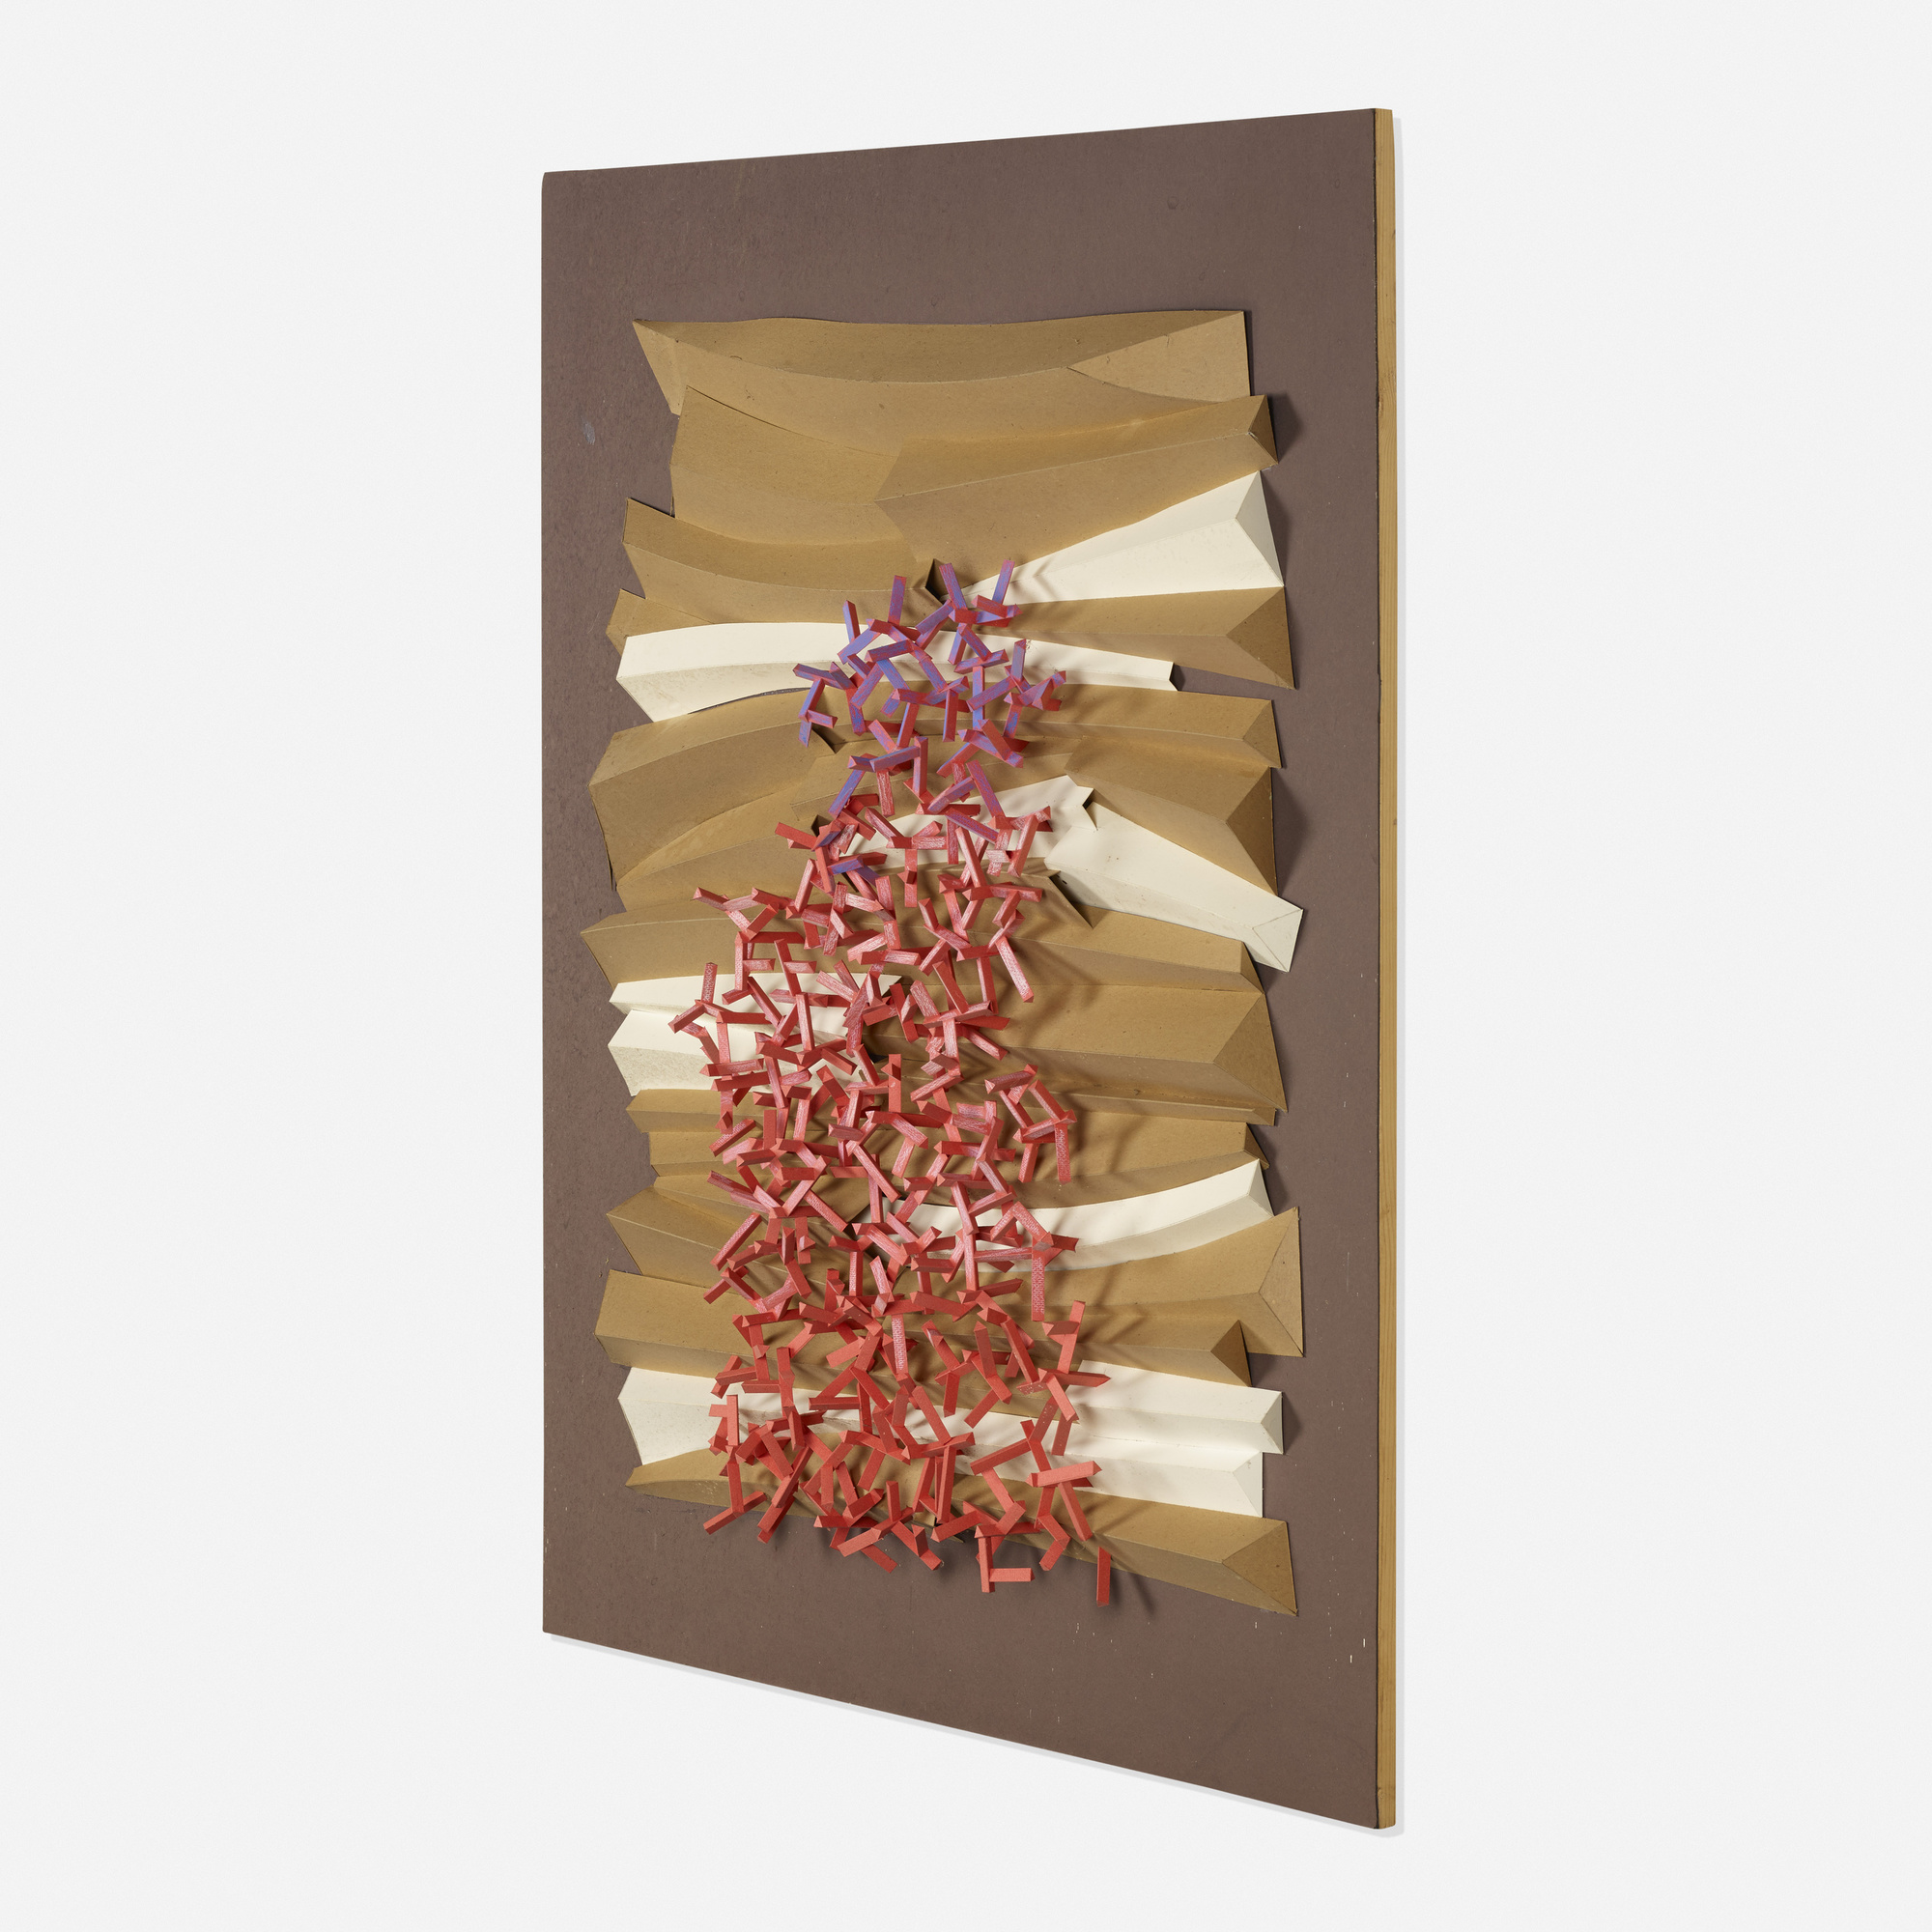 204: Irving Harper / Untitled (1 of 1)